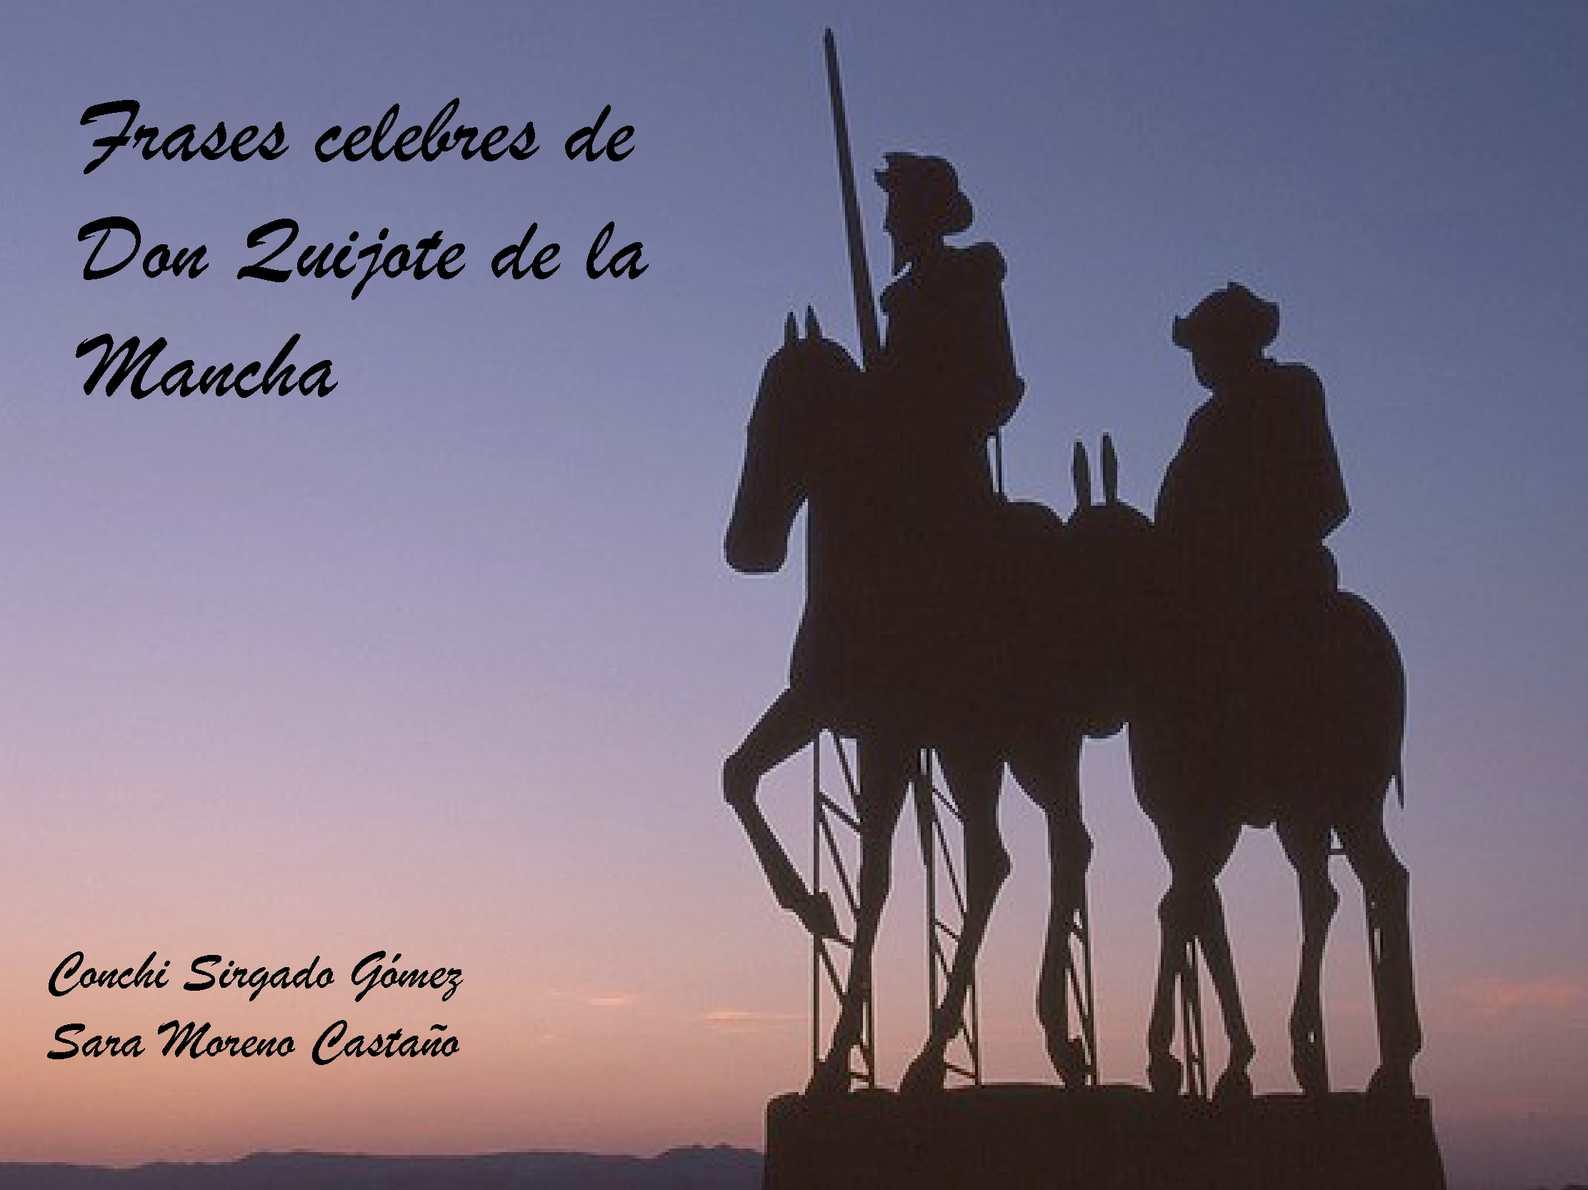 Calaméo - Frases celebres del Quijote